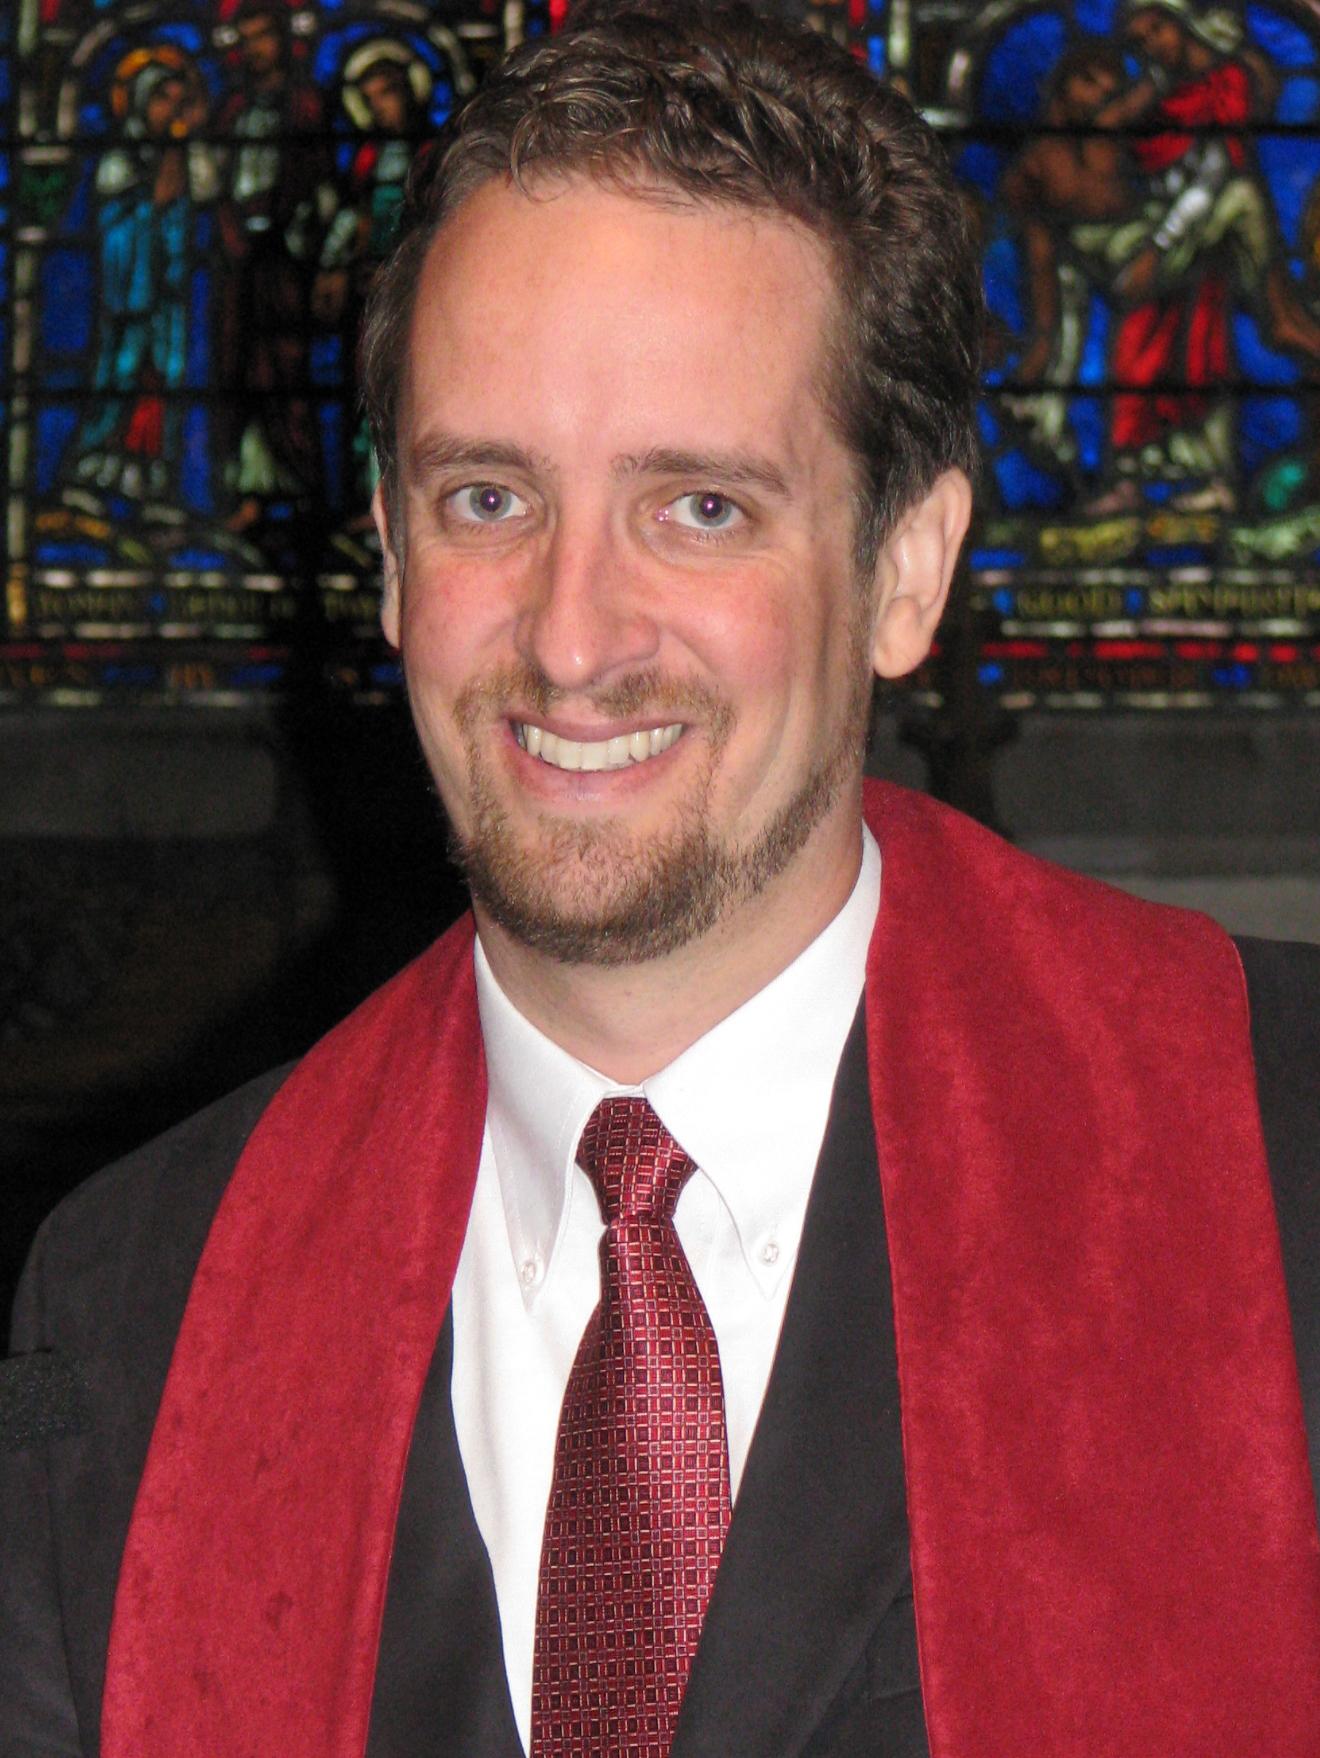 John Gibb Millspaugh